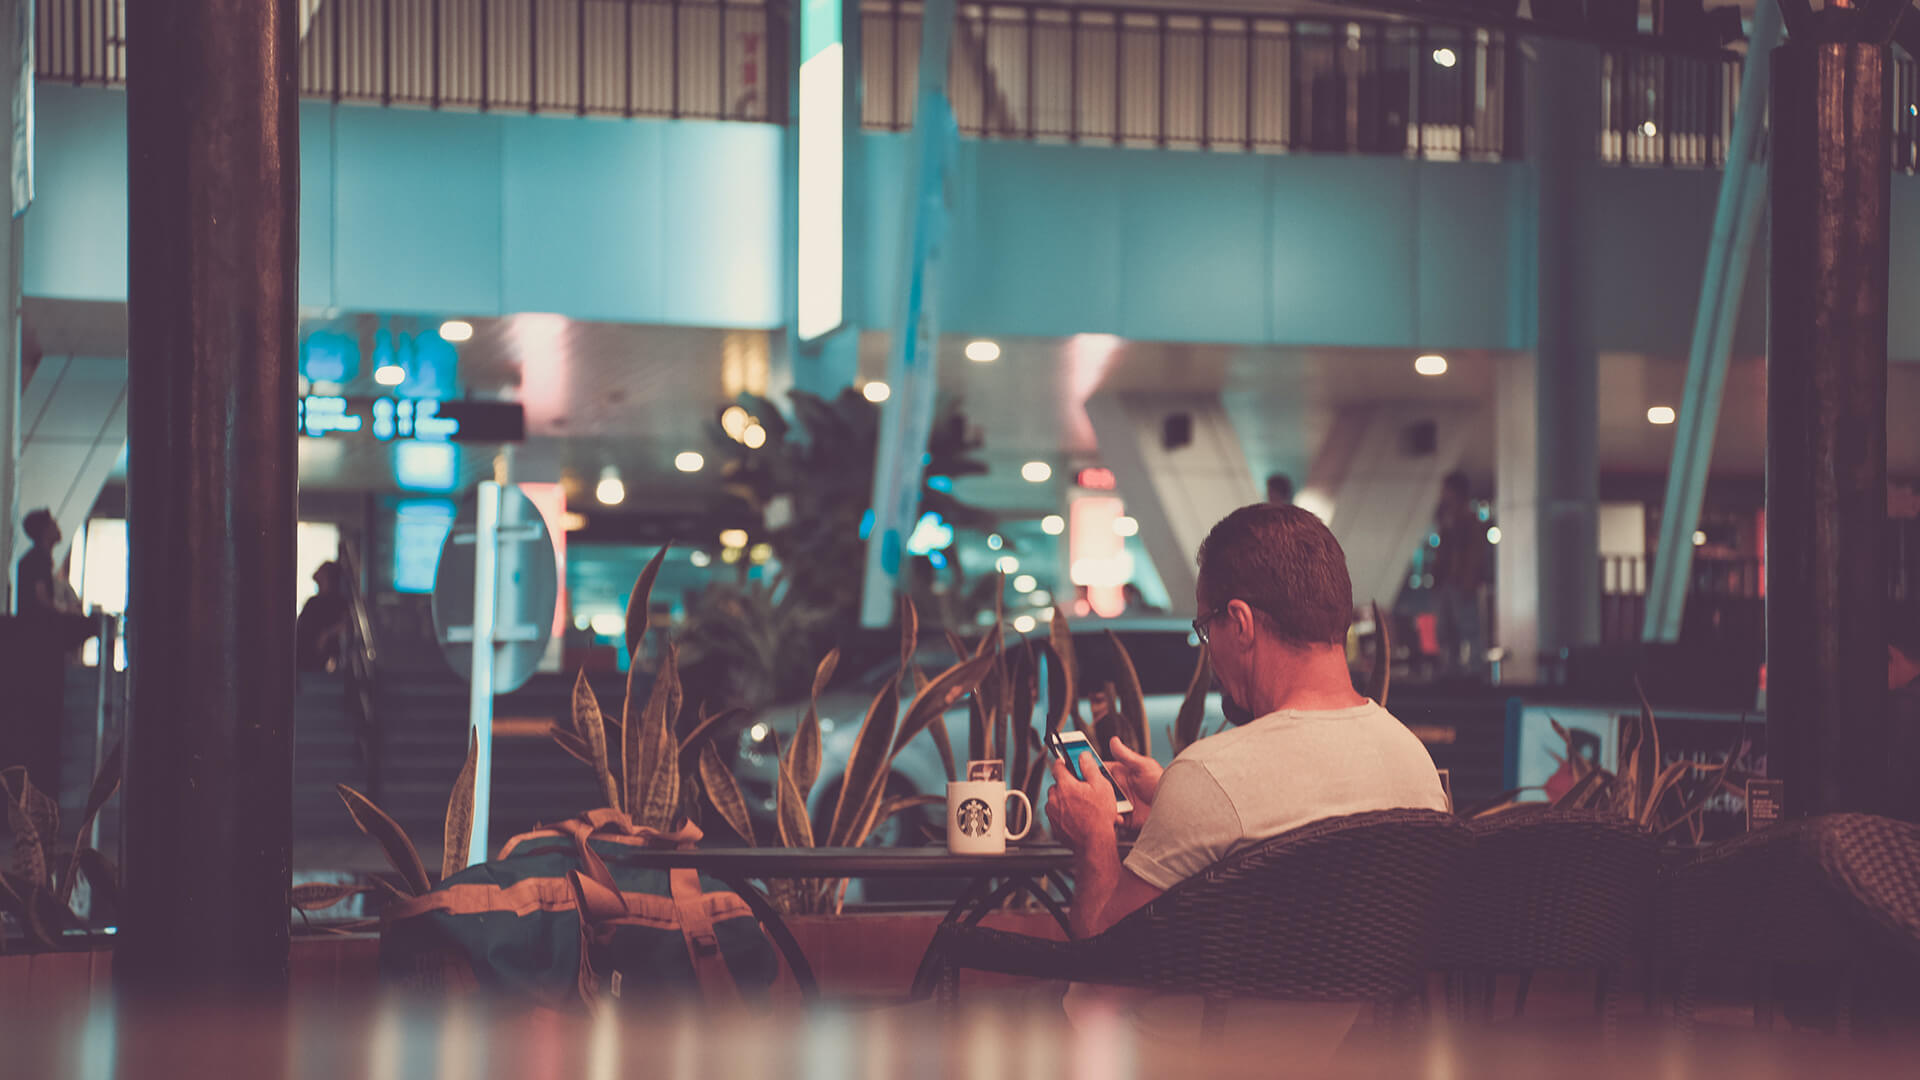 Person alleine sitzend vertieft ins Smartphone